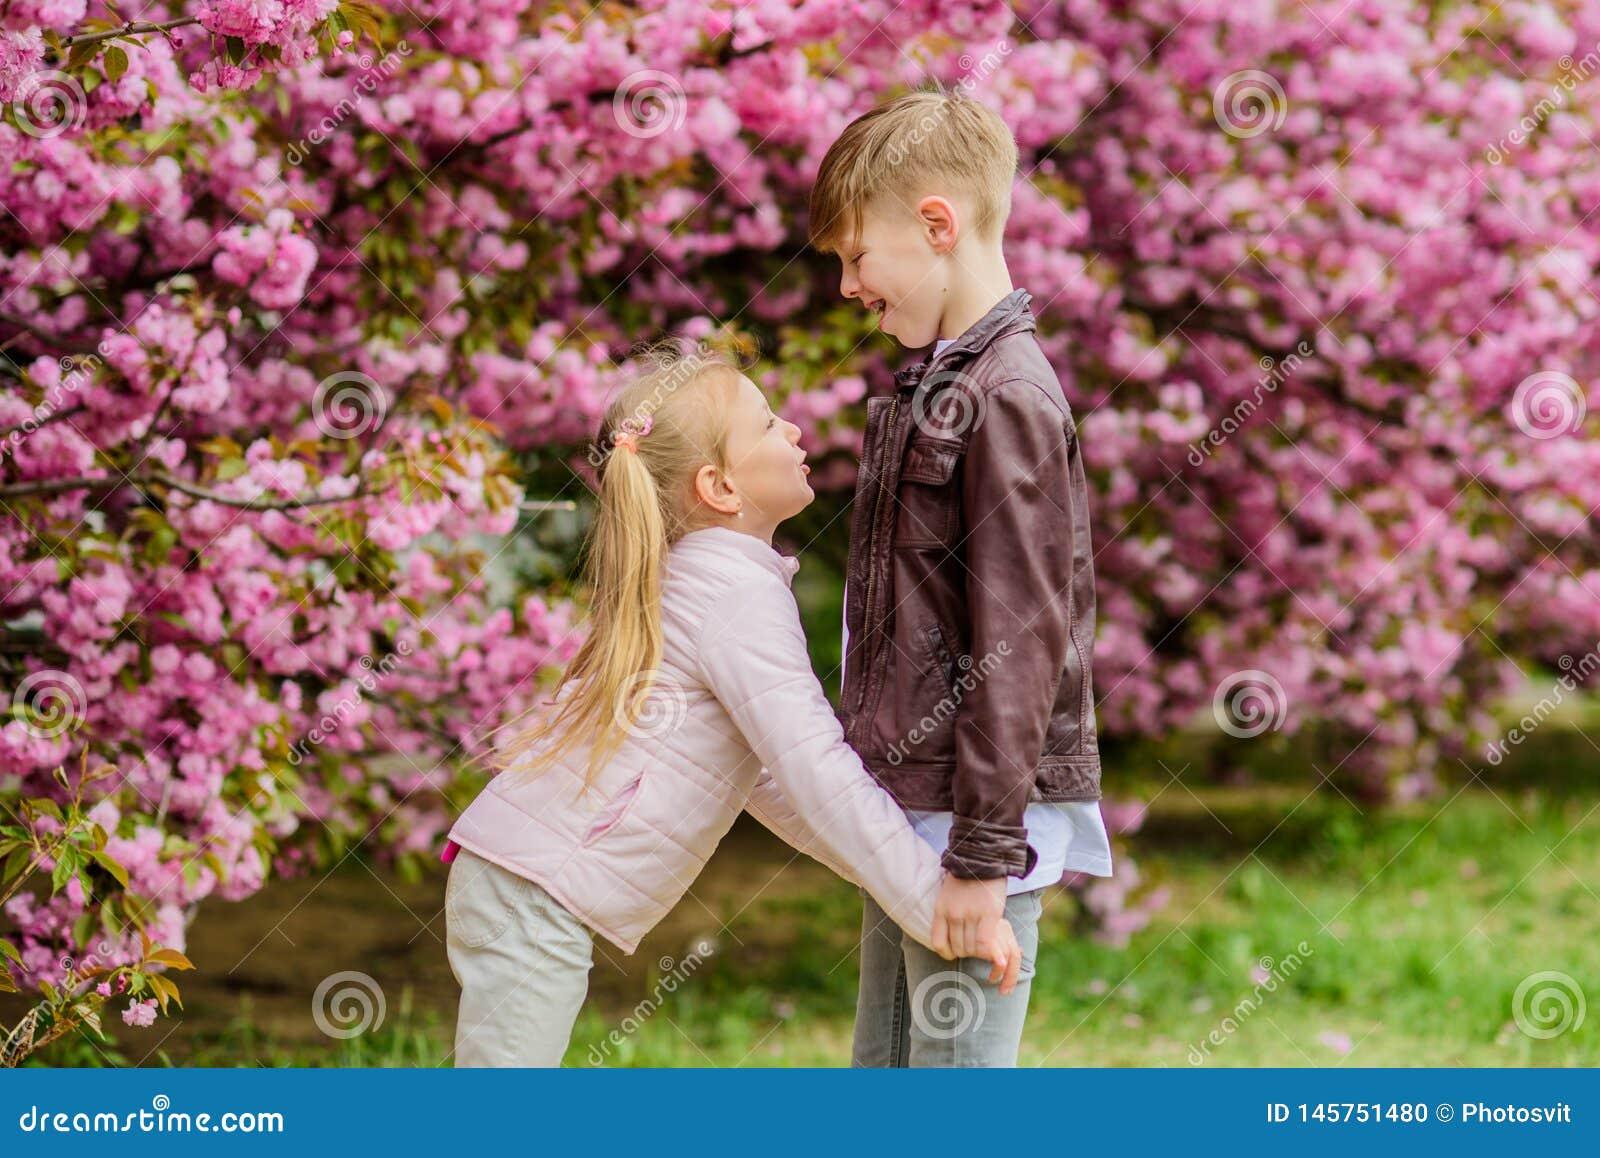 De liefde is in de lucht Tuin van de gangsakura van paar de aanbiddelijke mooie jonge geitjes E Gelukkige jonge geitjes romantisc